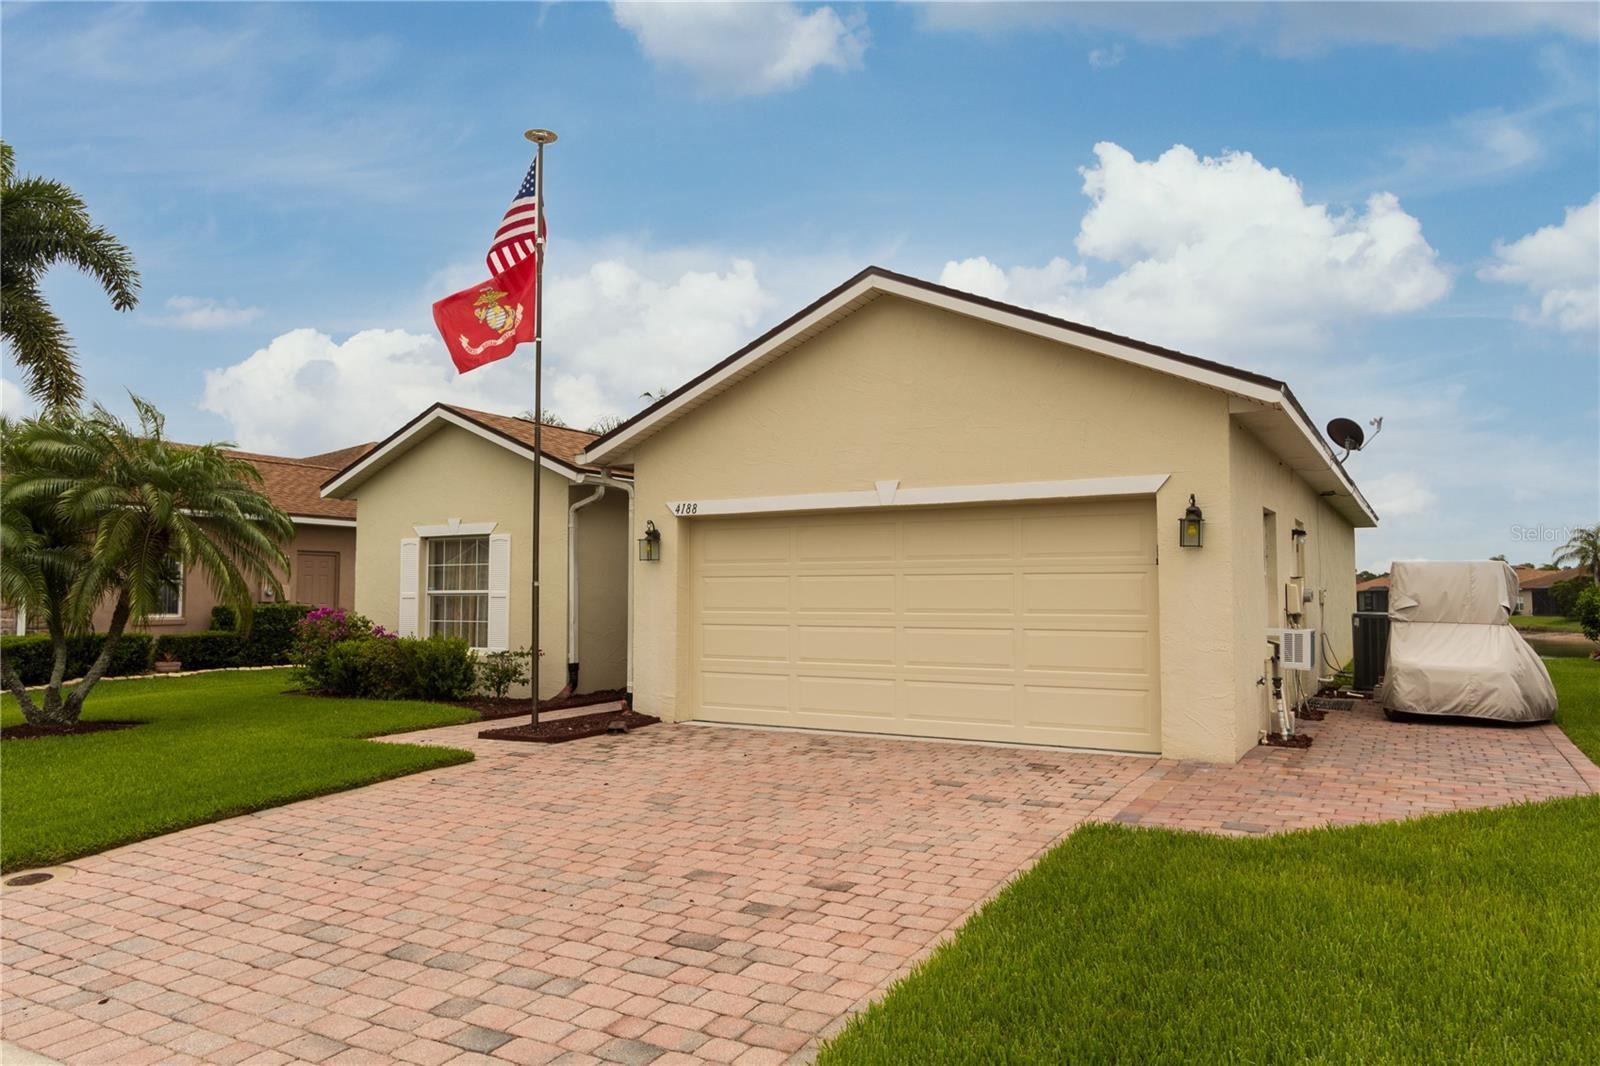 Photo of 4188 MUIRFIELD LOOP, LAKE WALES, FL 33859 (MLS # P4916285)